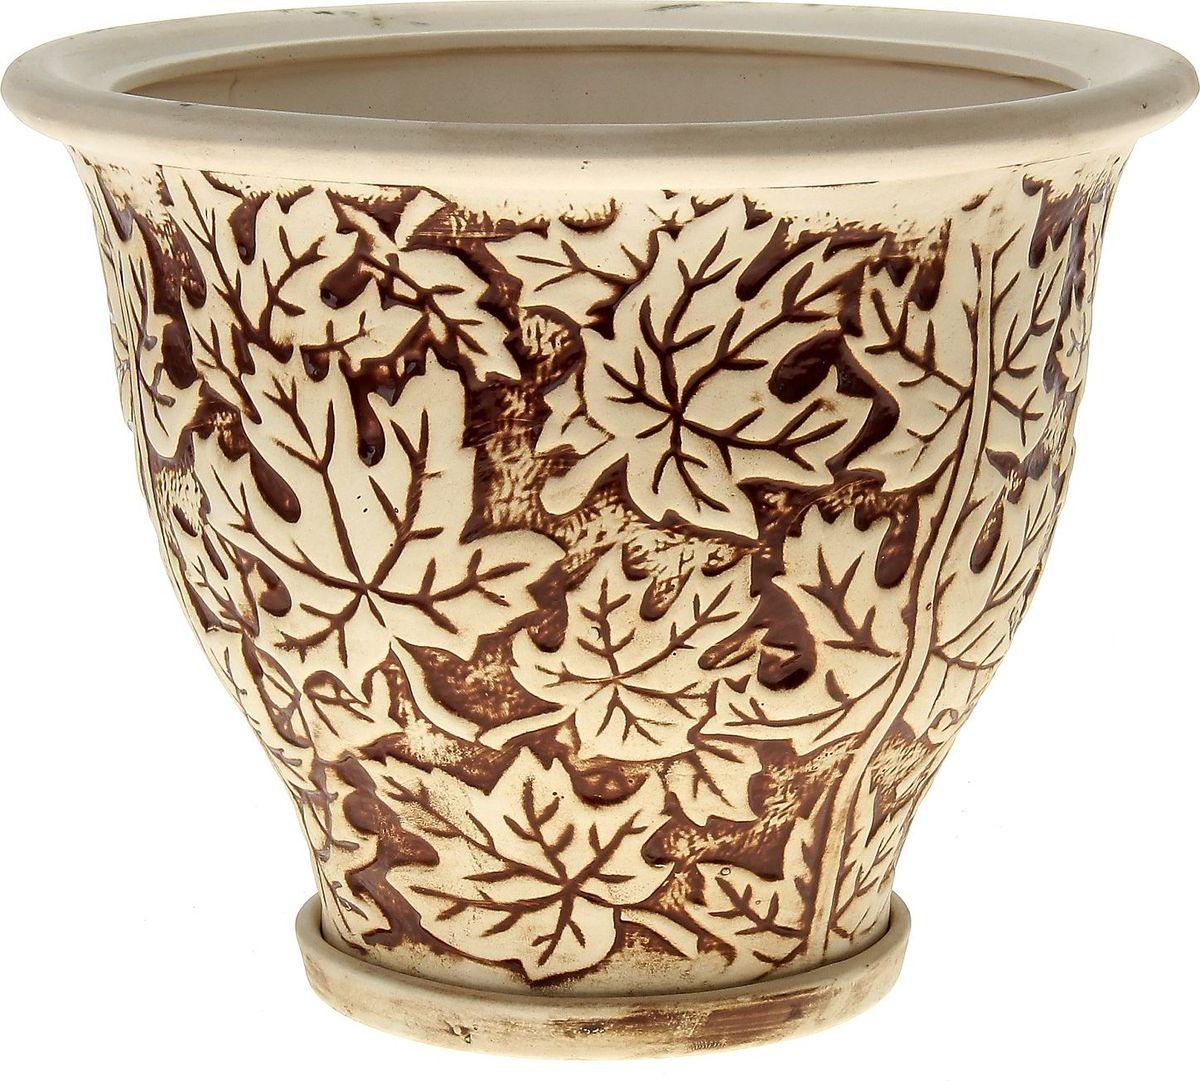 Кашпо Керамика ручной работы Клен, цвет: шамот, 9 л144205Комнатные растения — всеобщие любимцы. Они радуют глаз, насыщают помещение кислородом и украшают пространство. Каждому из них необходим свой удобный и красивый дом. Кашпо из керамики прекрасно подходят для высадки растений: за счёт пластичности глины и разных способов обработки существует великое множество форм и дизайновпористый материал позволяет испаряться лишней влагевоздух, необходимый для дыхания корней, проникает сквозь керамические стенки! #name# позаботится о зелёном питомце, освежит интерьер и подчеркнёт его стиль.